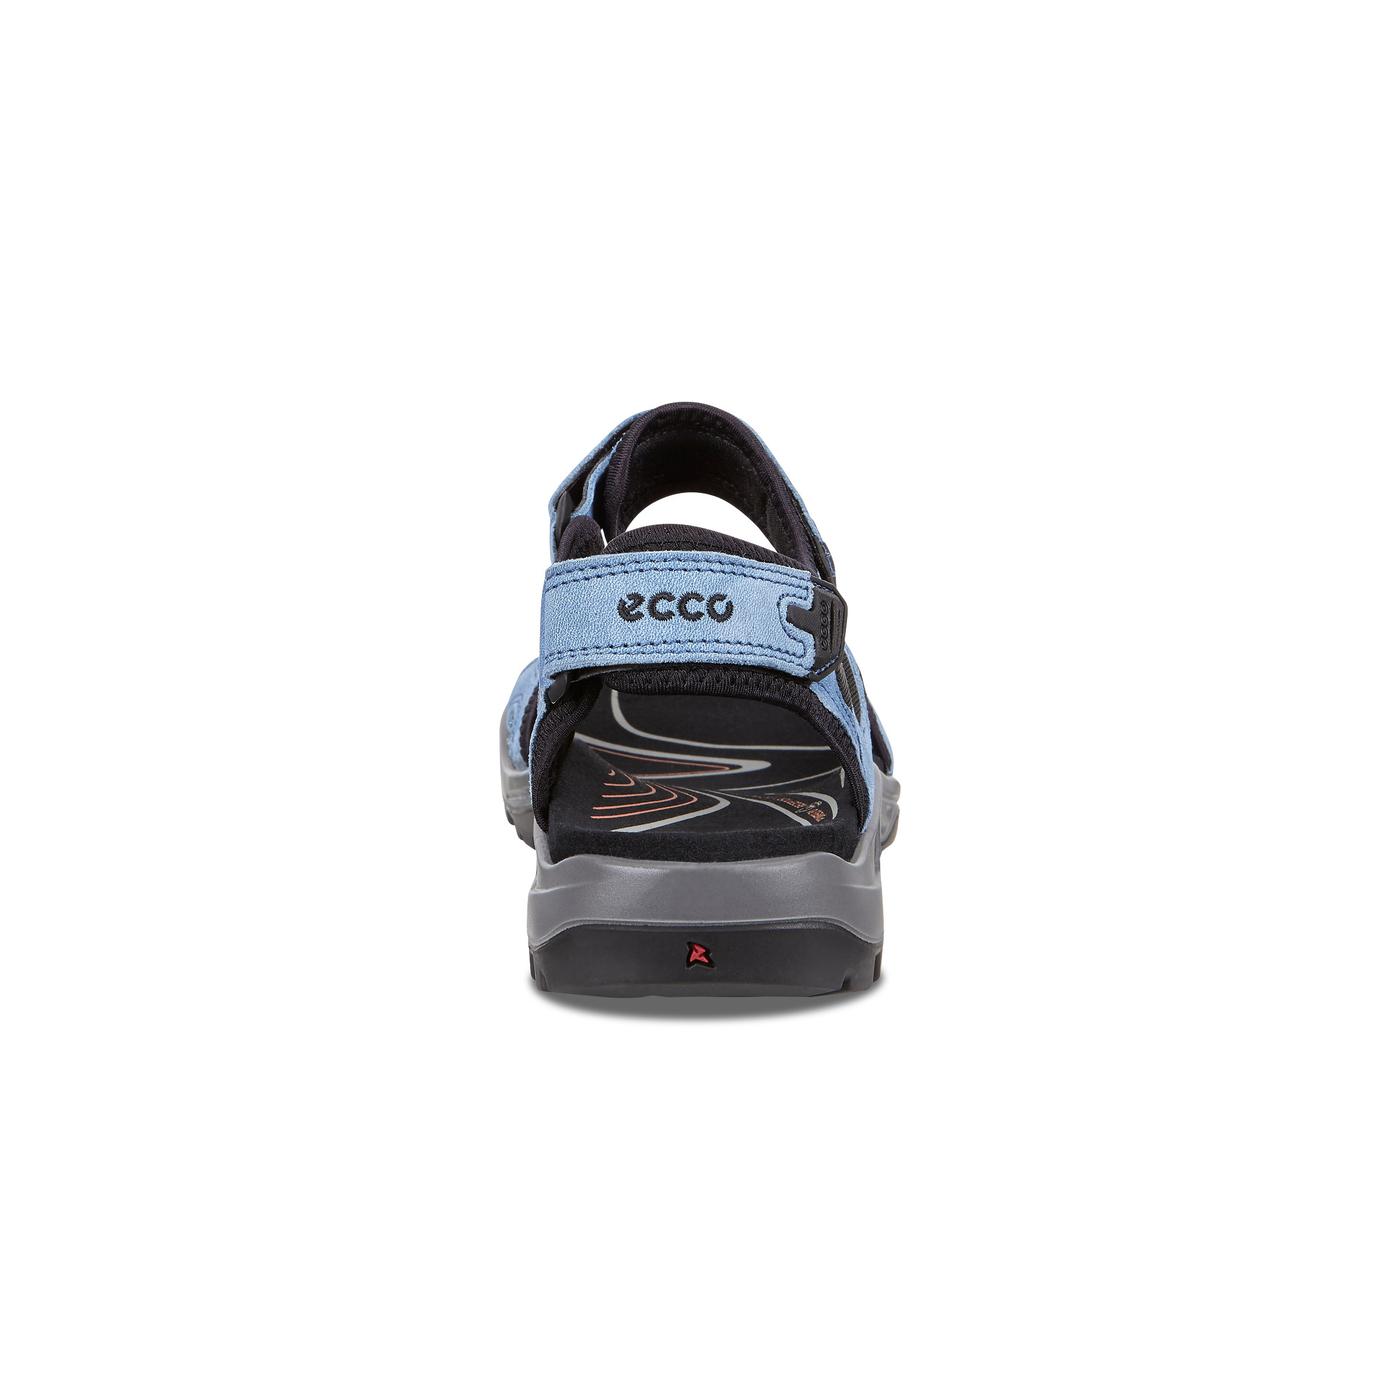 ECCO Mens Offroad Sandal